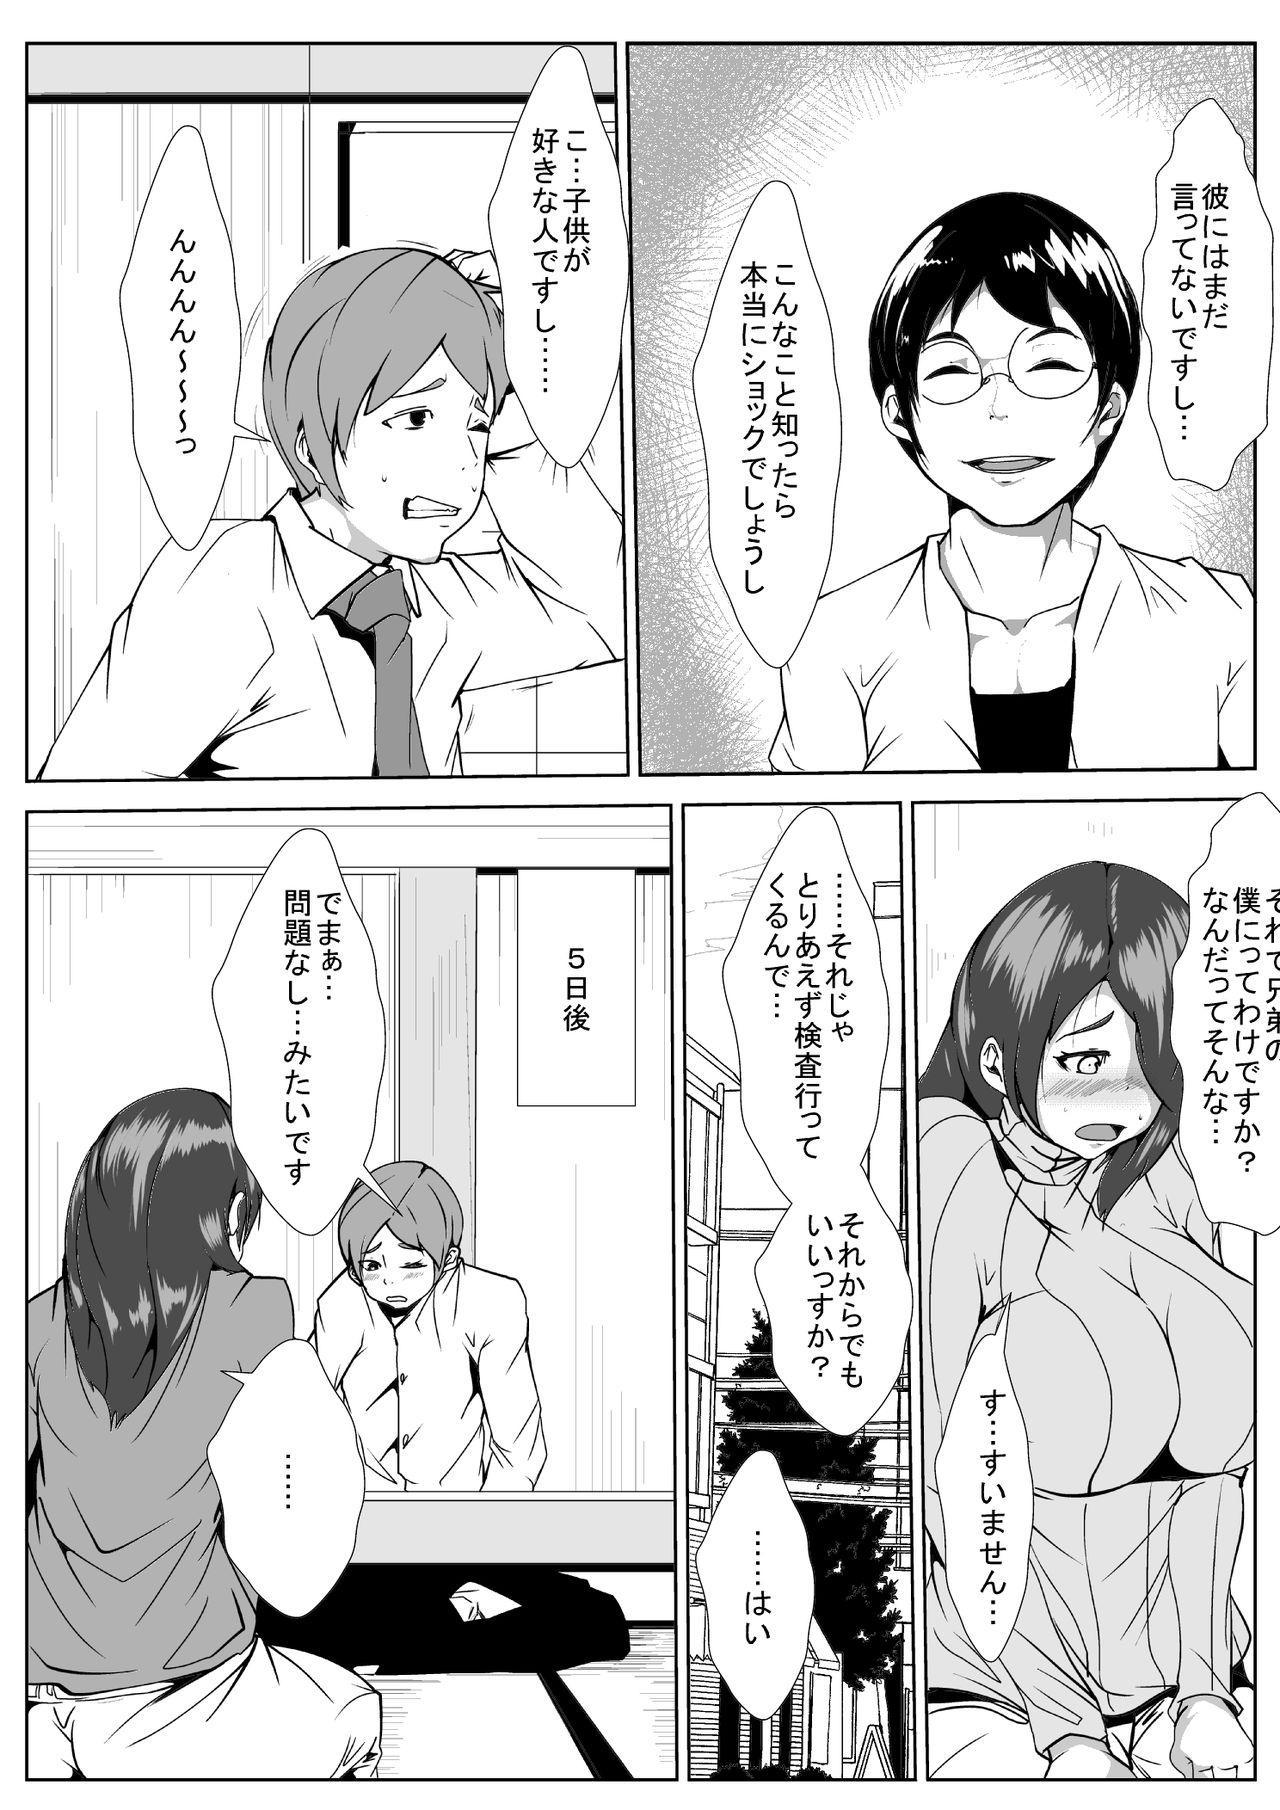 Aniki no Yome o Haramaseru 6